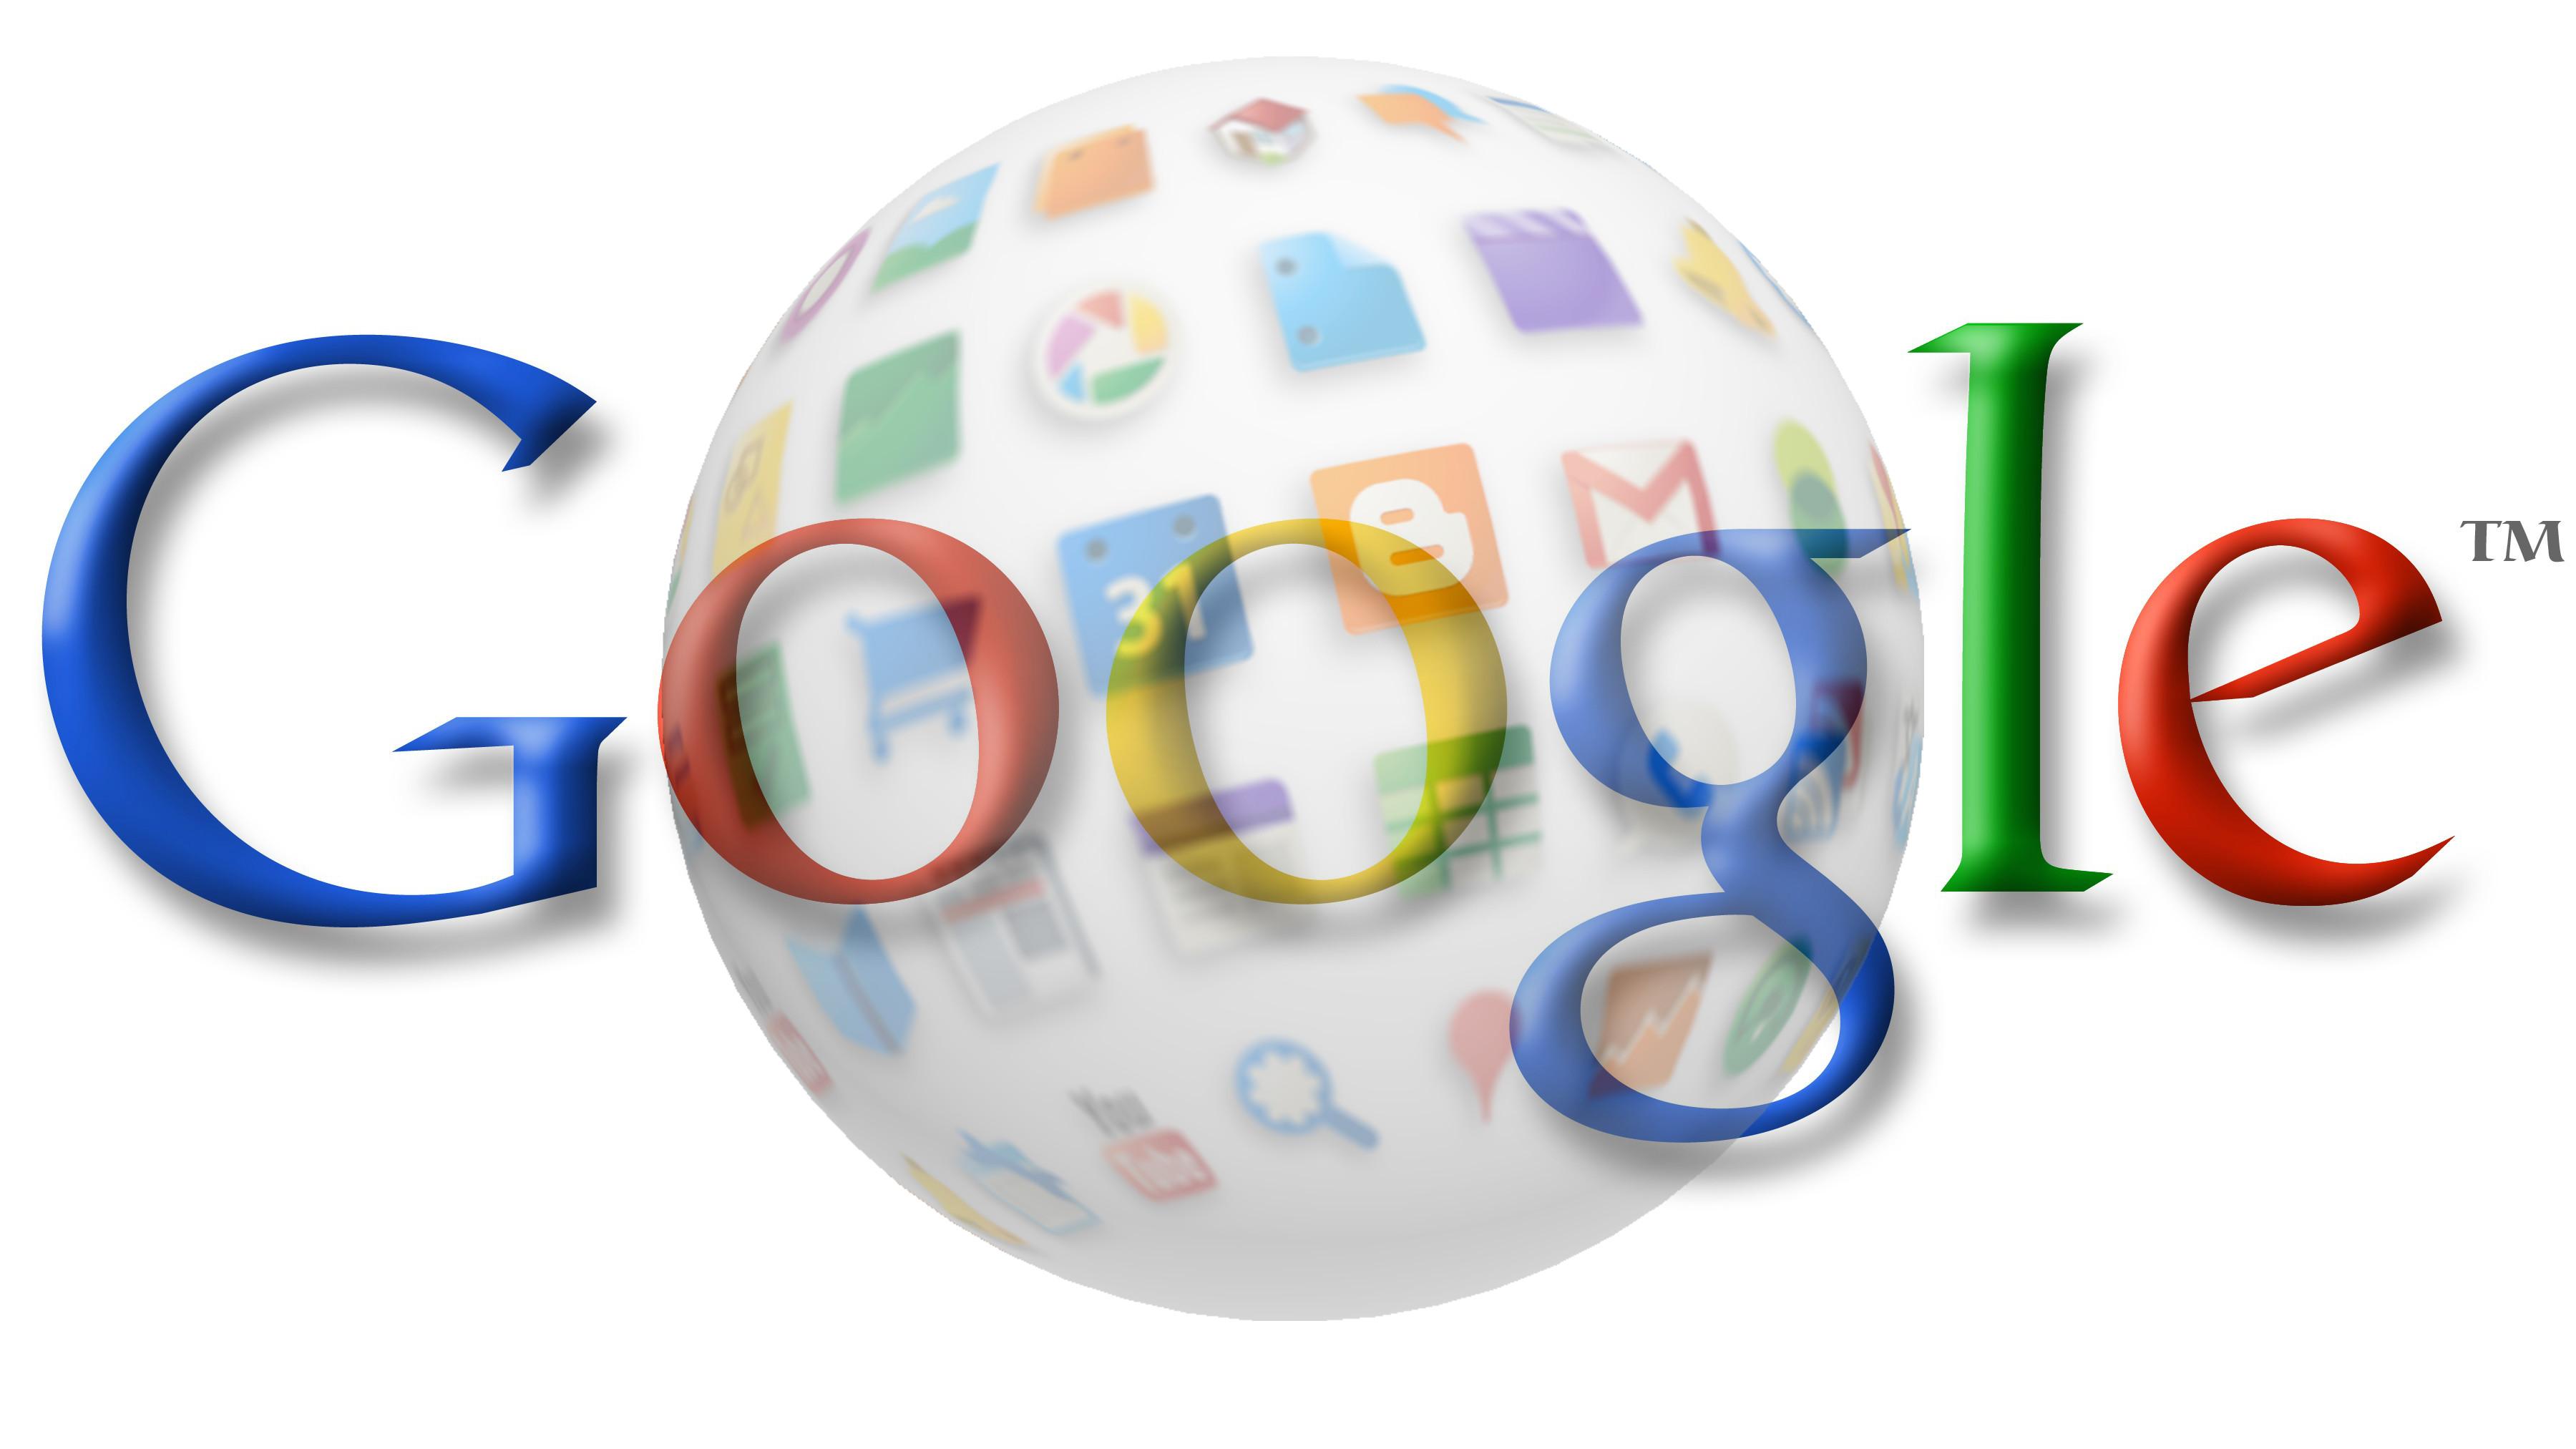 با هر بار سرچ در گوگل اطلاعاتتان ربوده می شود!